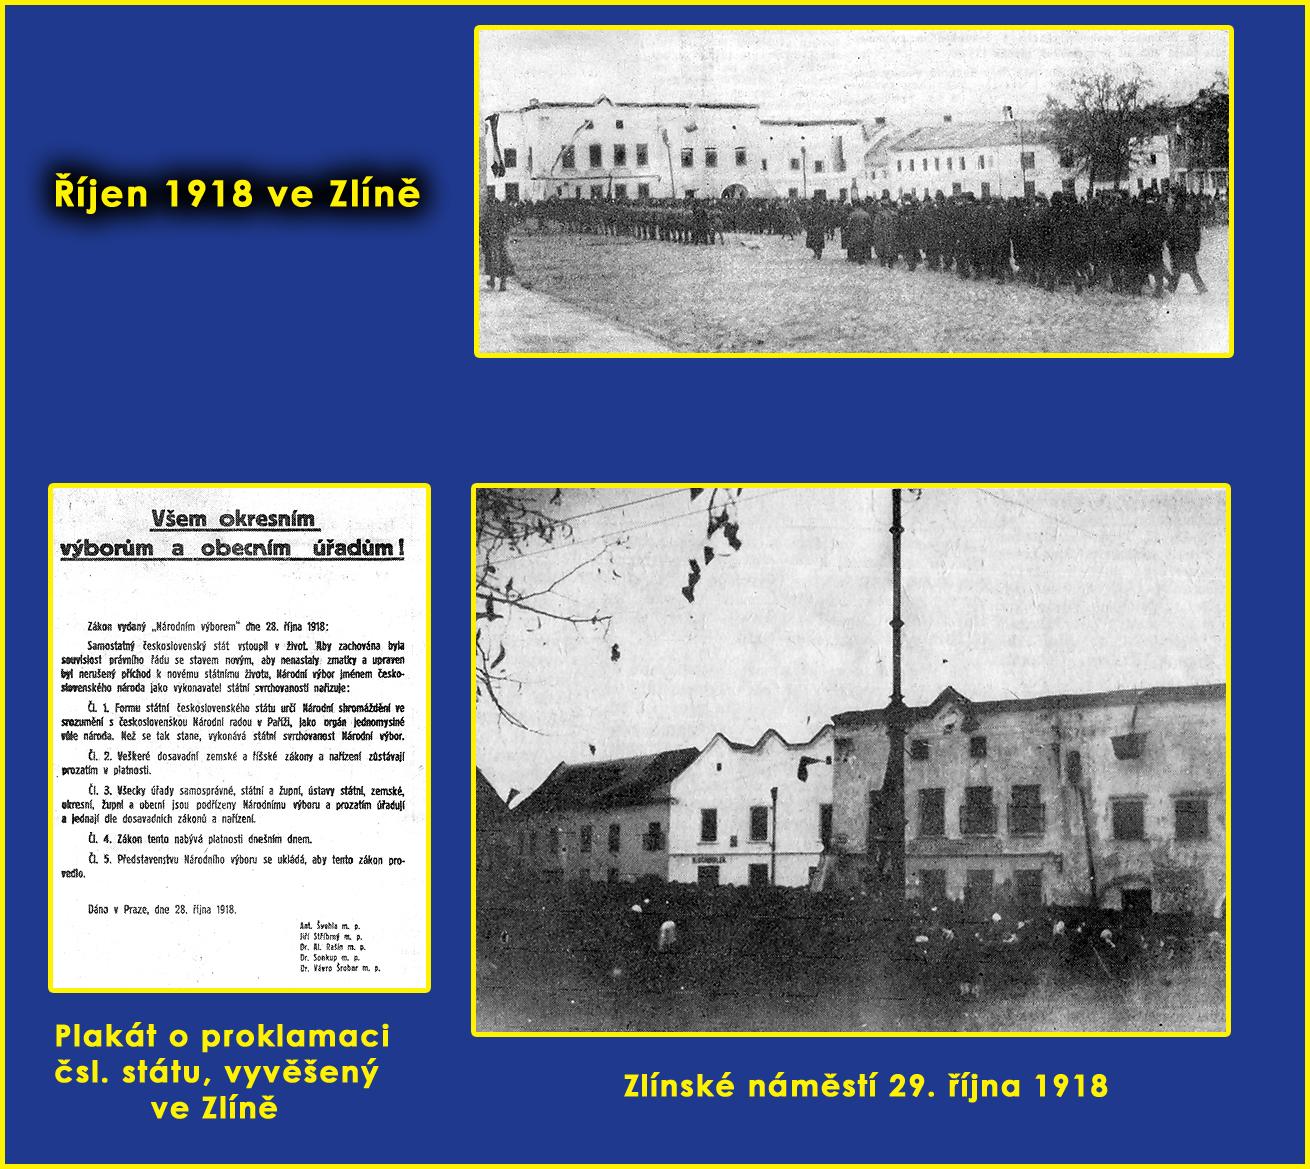 říjen 1918 ve Zlíně